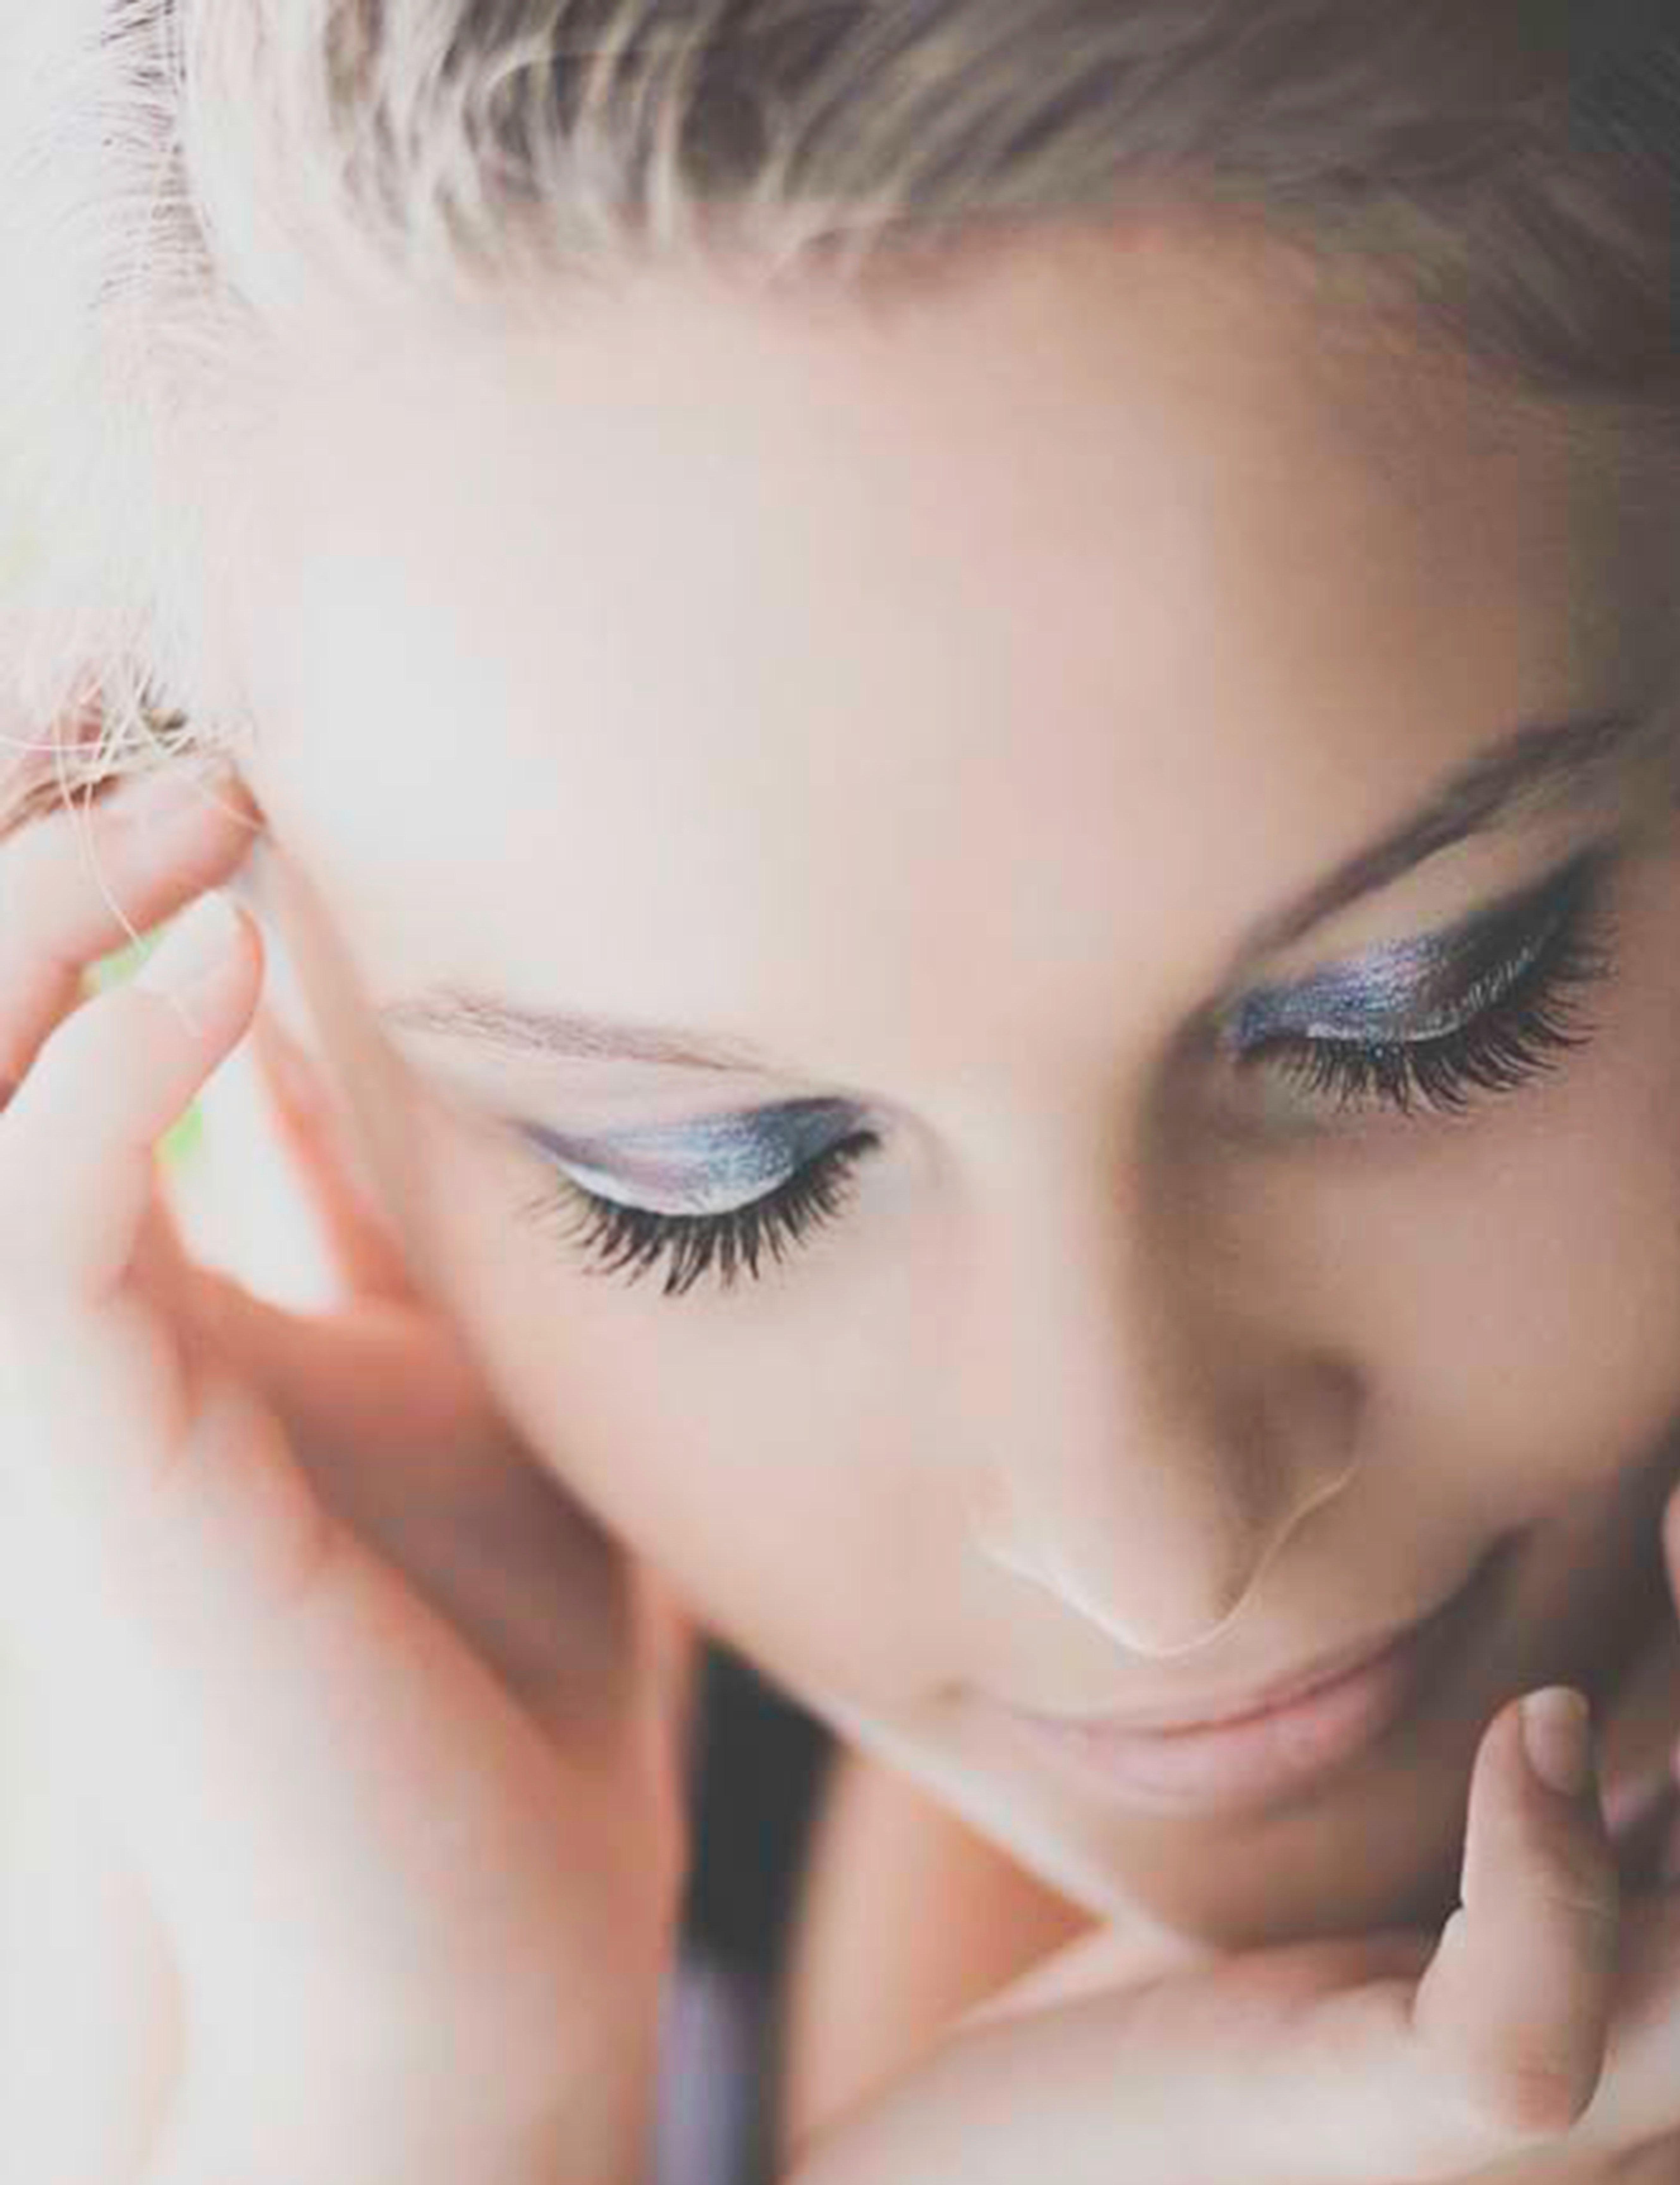 Curso maquillaje profesional de ojos, cejas y pestañas